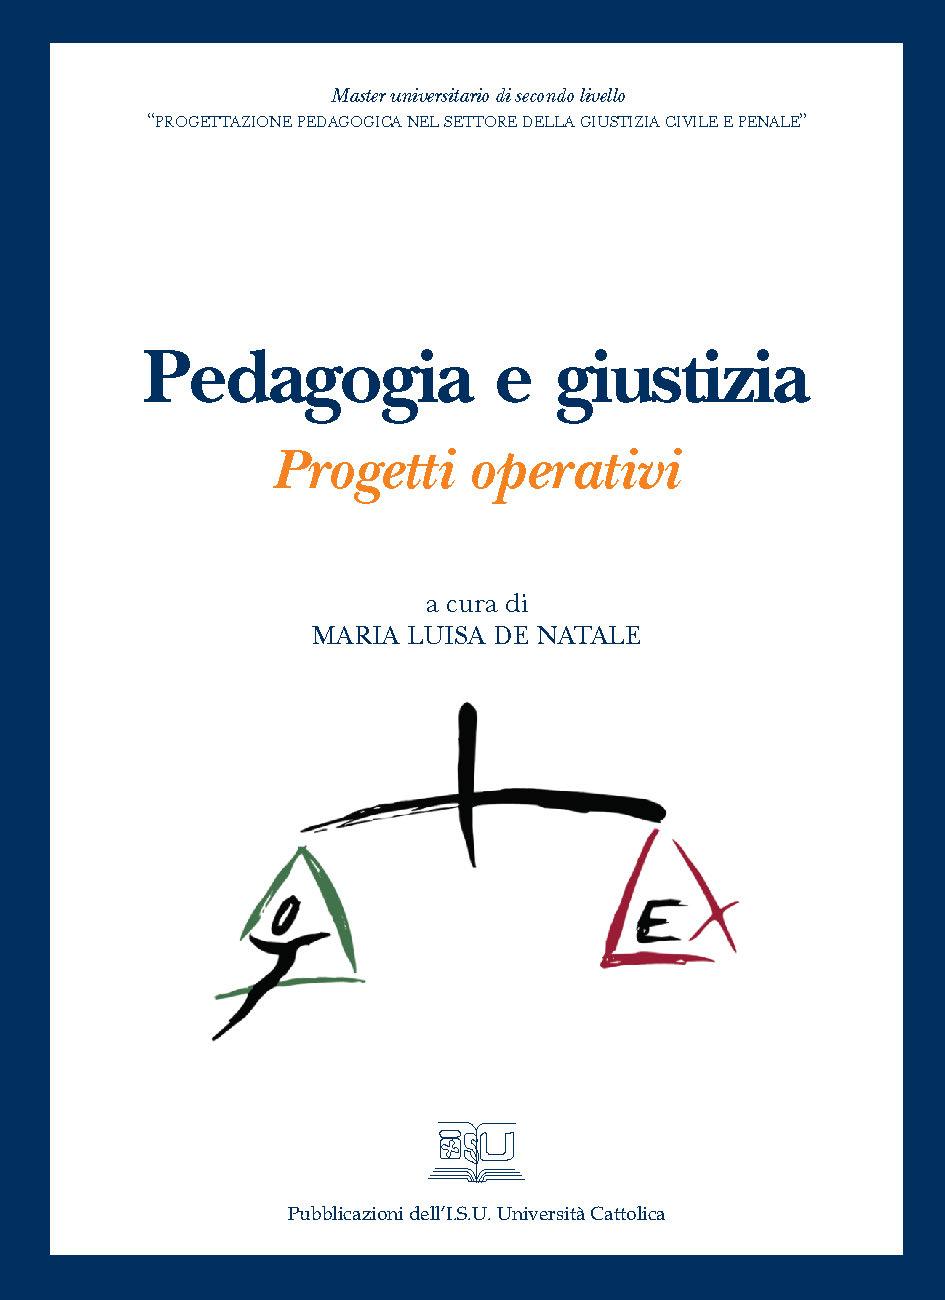 PEDAGOGIA E GIUSTIZIA. PROGETTI OPERATIVI